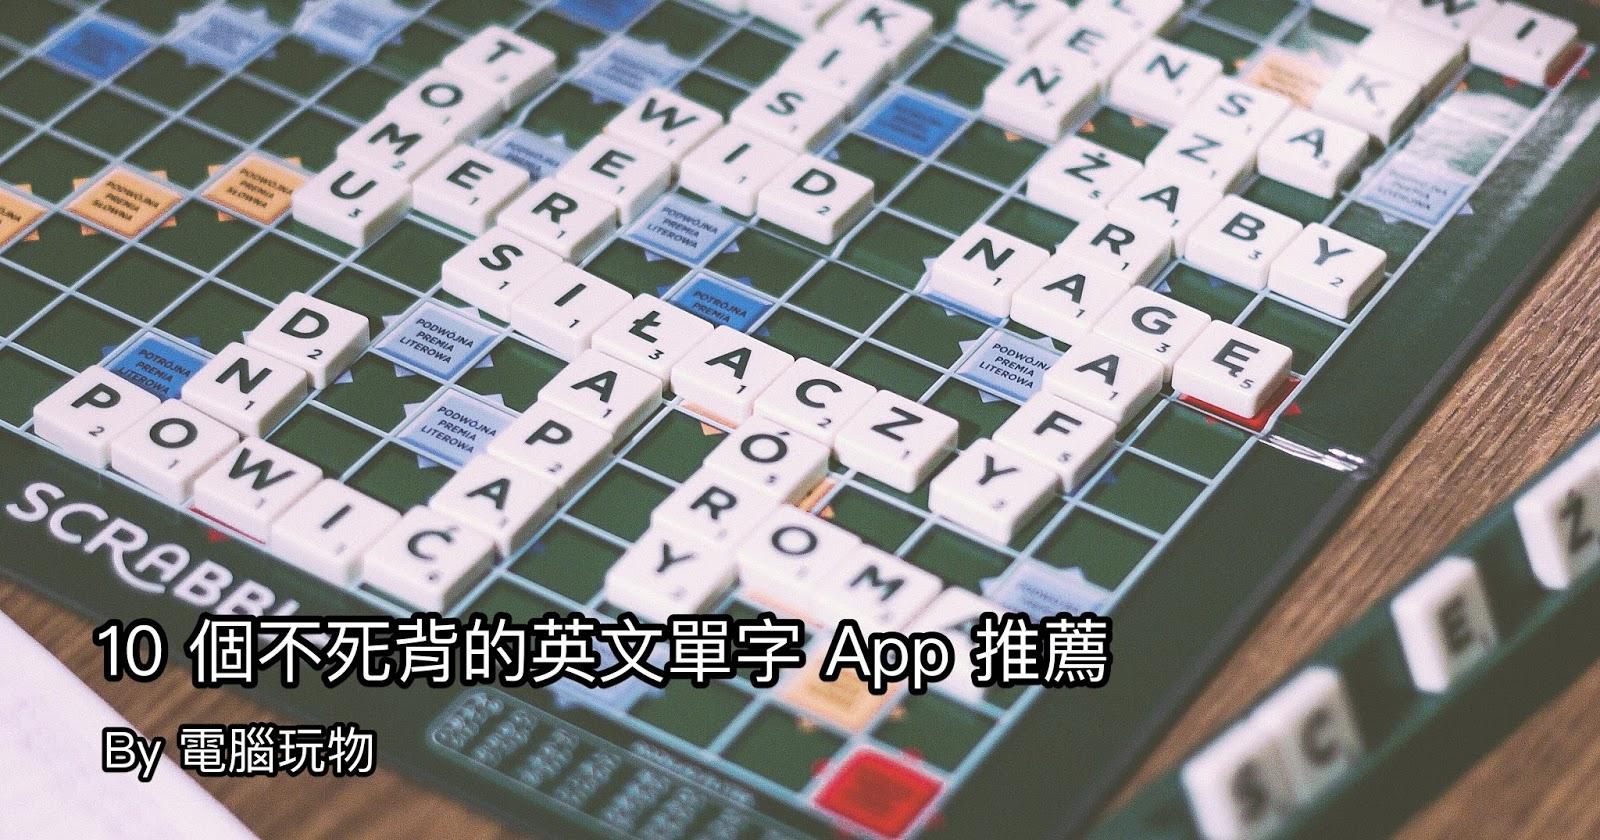 10款背單字 App 推薦:不是死背的零碎時間記住英文單字技巧